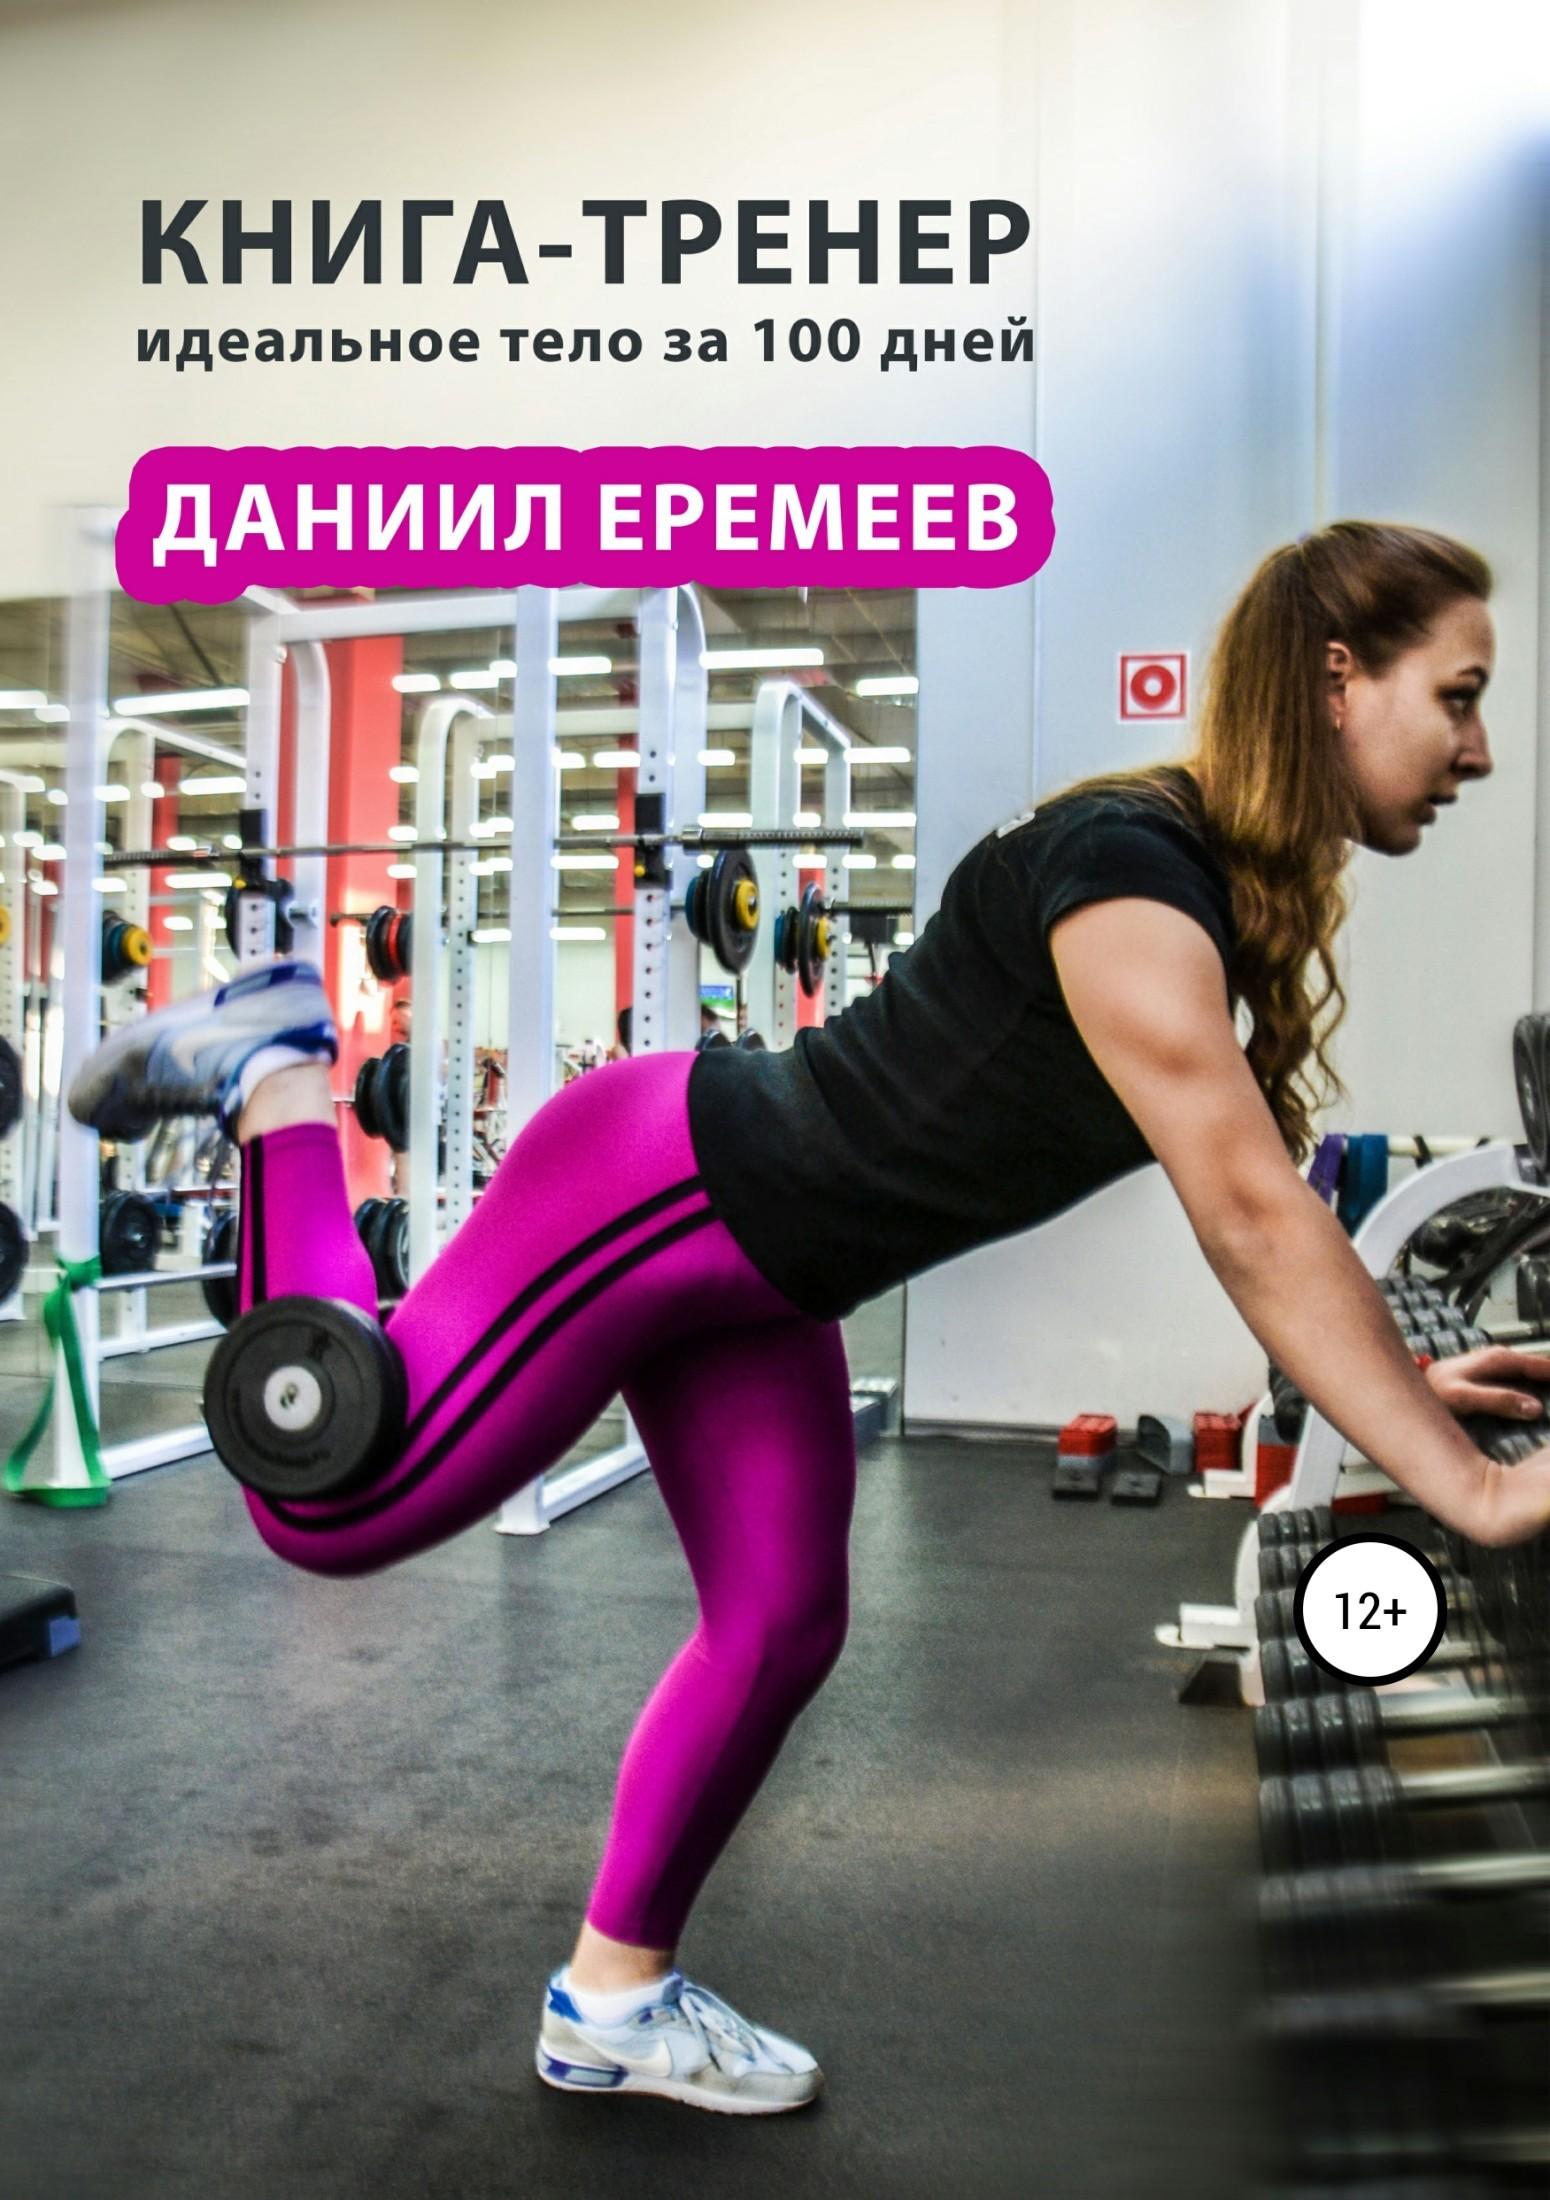 Даниил Еремеев Книга-тренер: идеальное тело за 100 дней